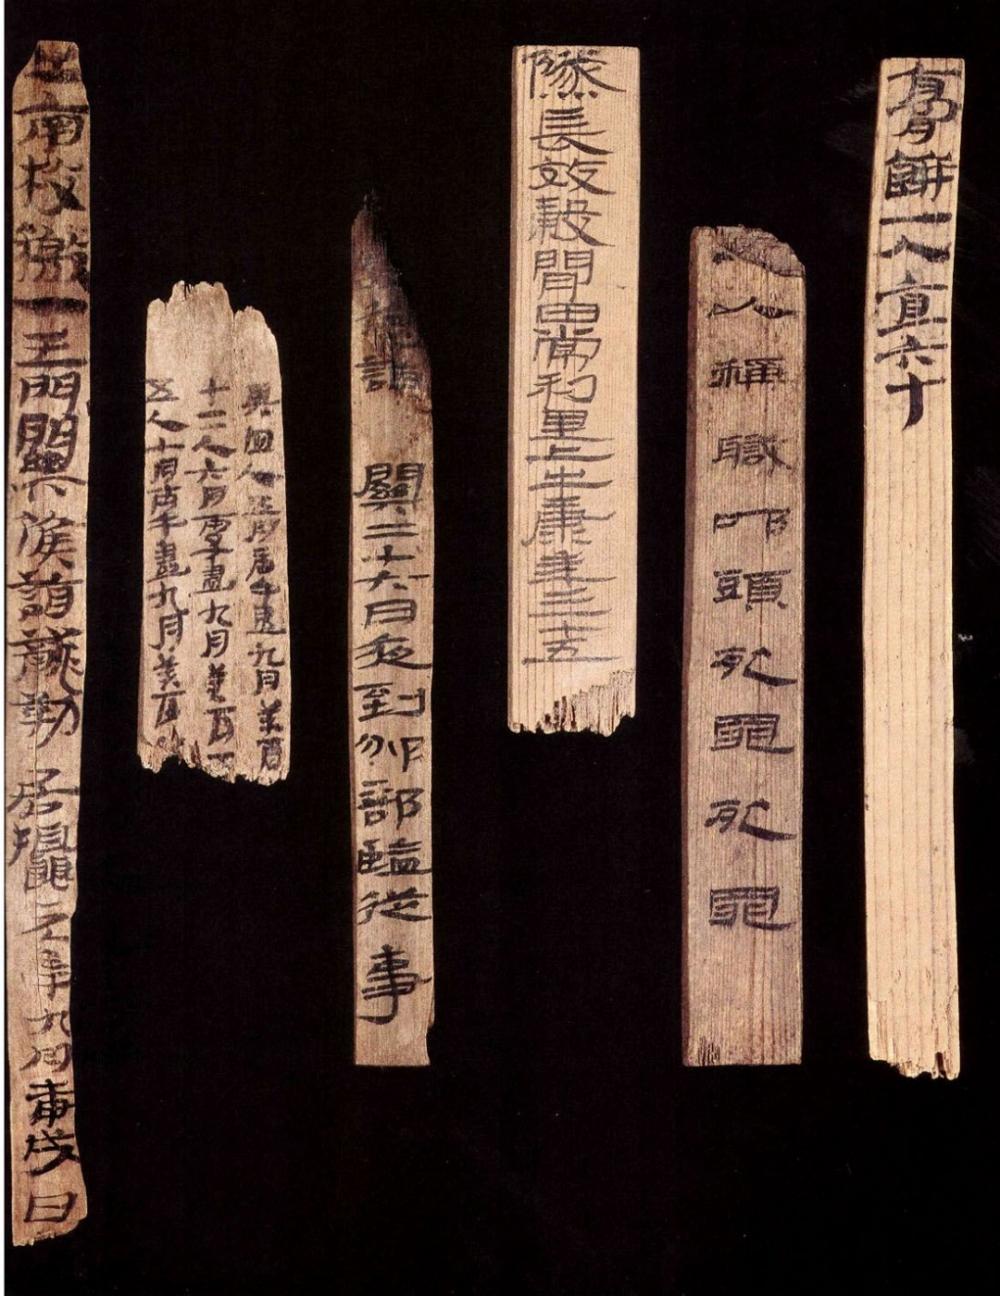 敦煌马圈湾烽燧遗址出土西汉简牍 上面提到了燧长的一些工作情况 图自胡之主编《甘肃敦煌汉简》